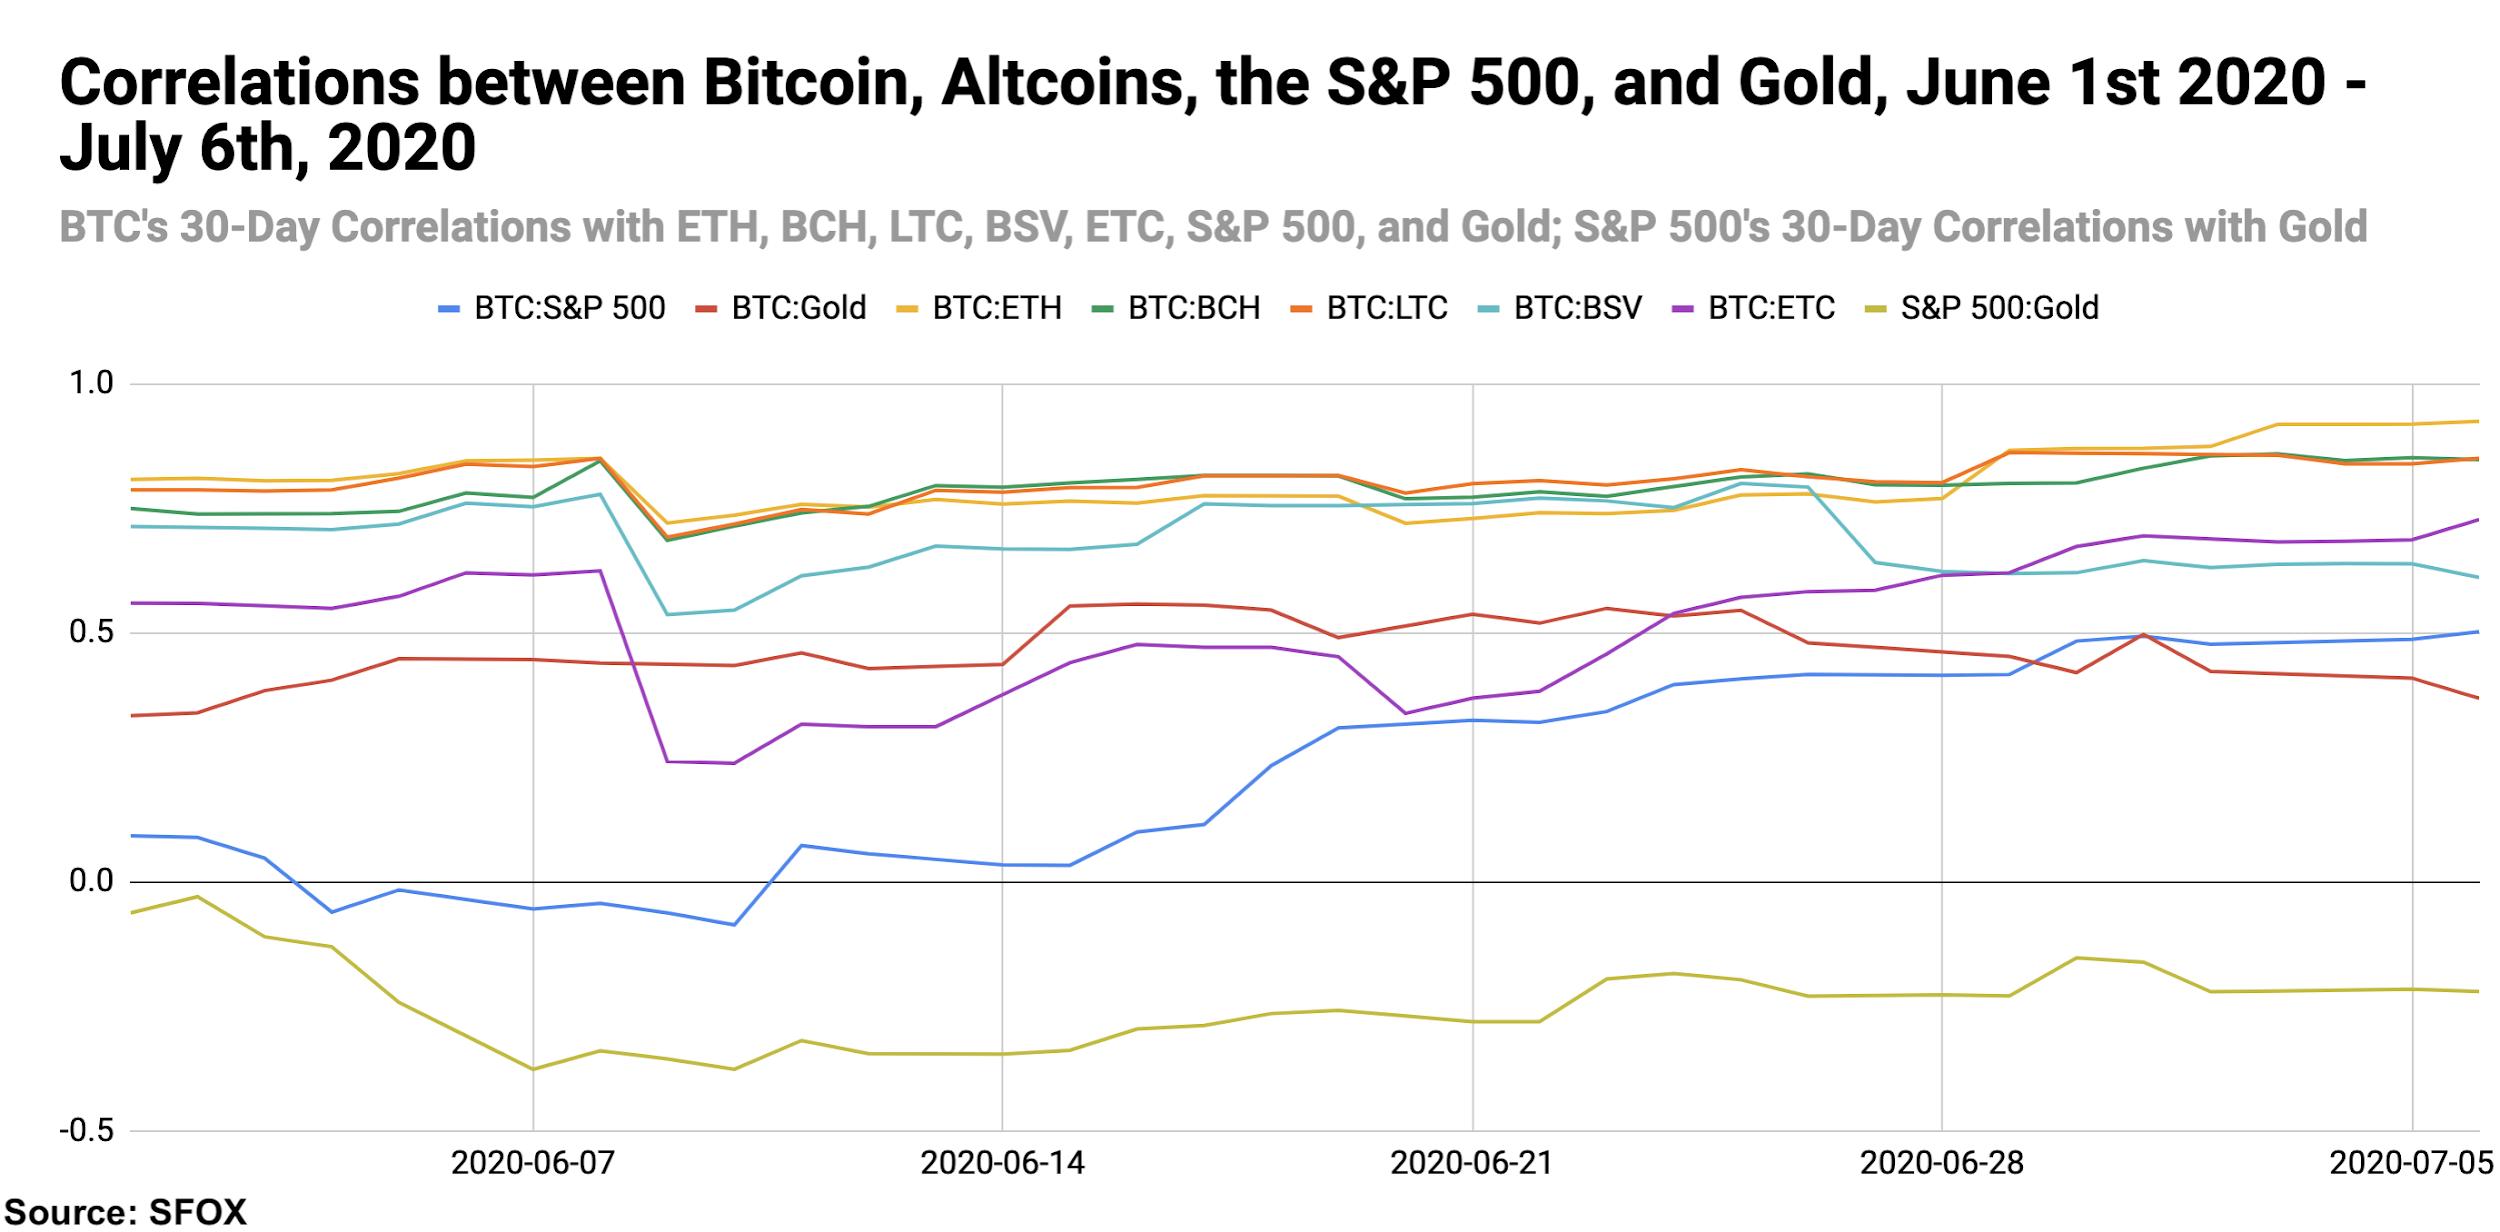 Bitcoin crypto S&P 500 gold correlations, July 2020.